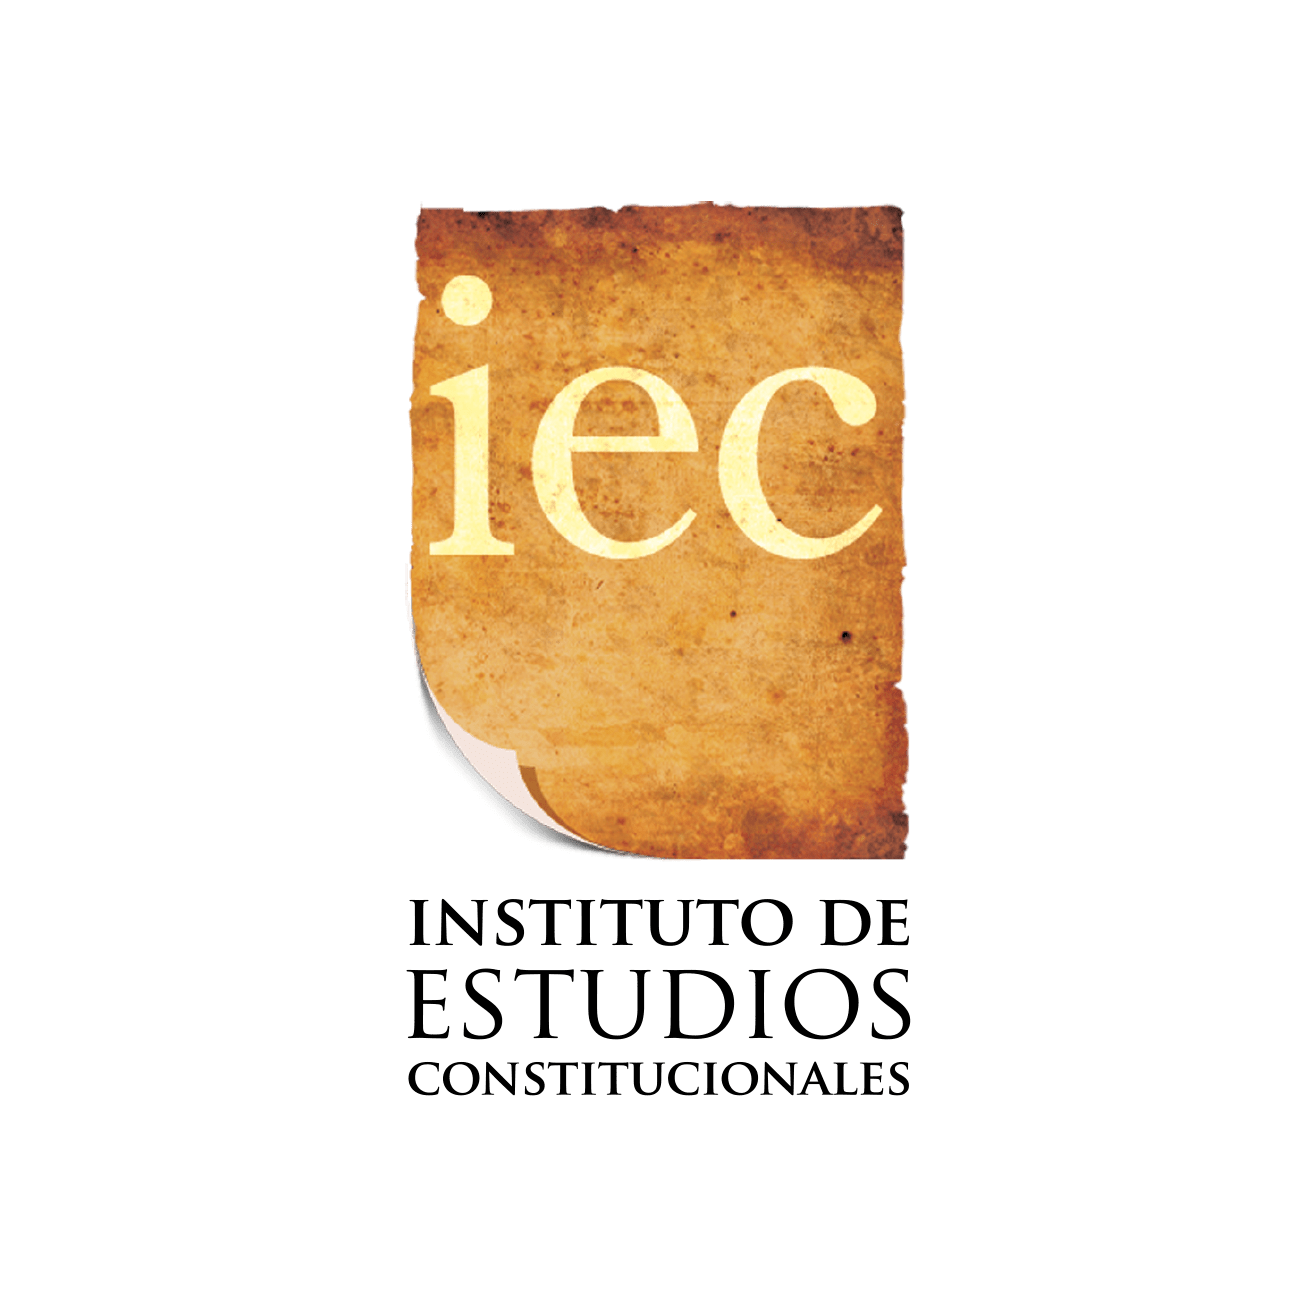 IEC | Instituto de Estudios Constitucionales